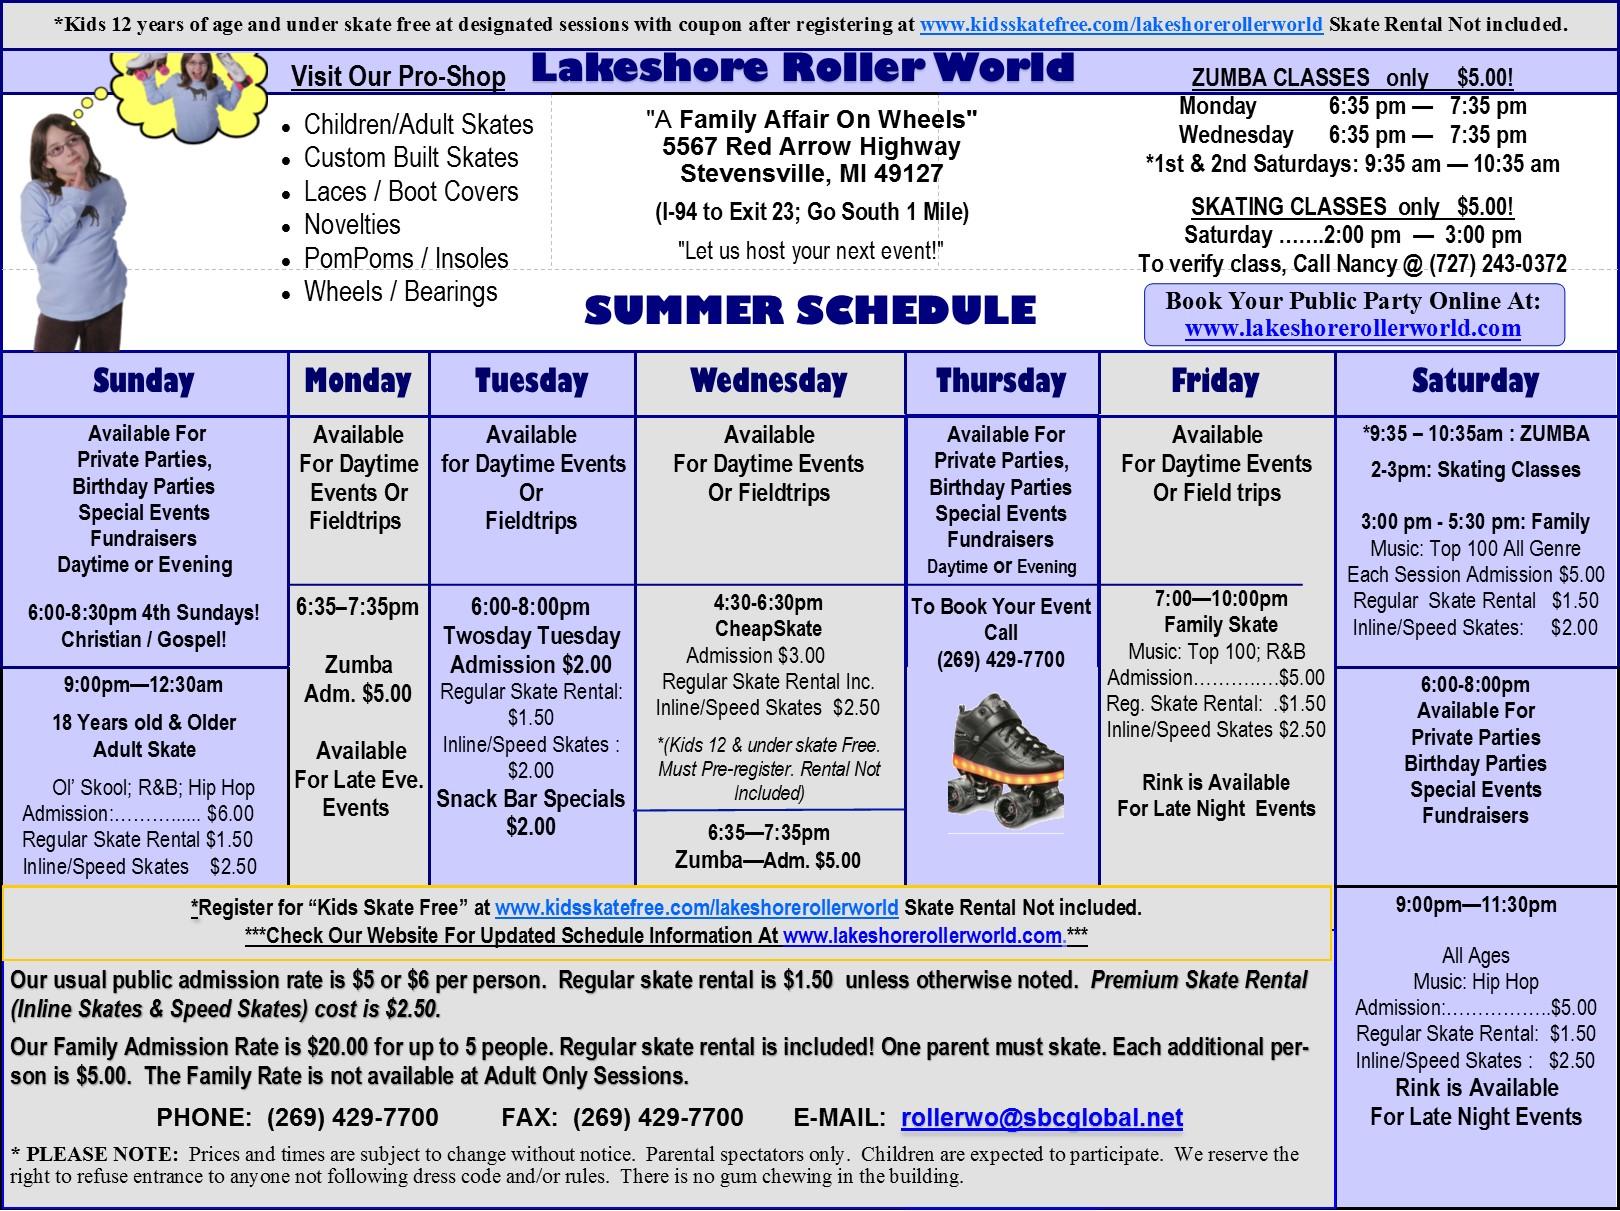 LRW 2017 Summer Schedule